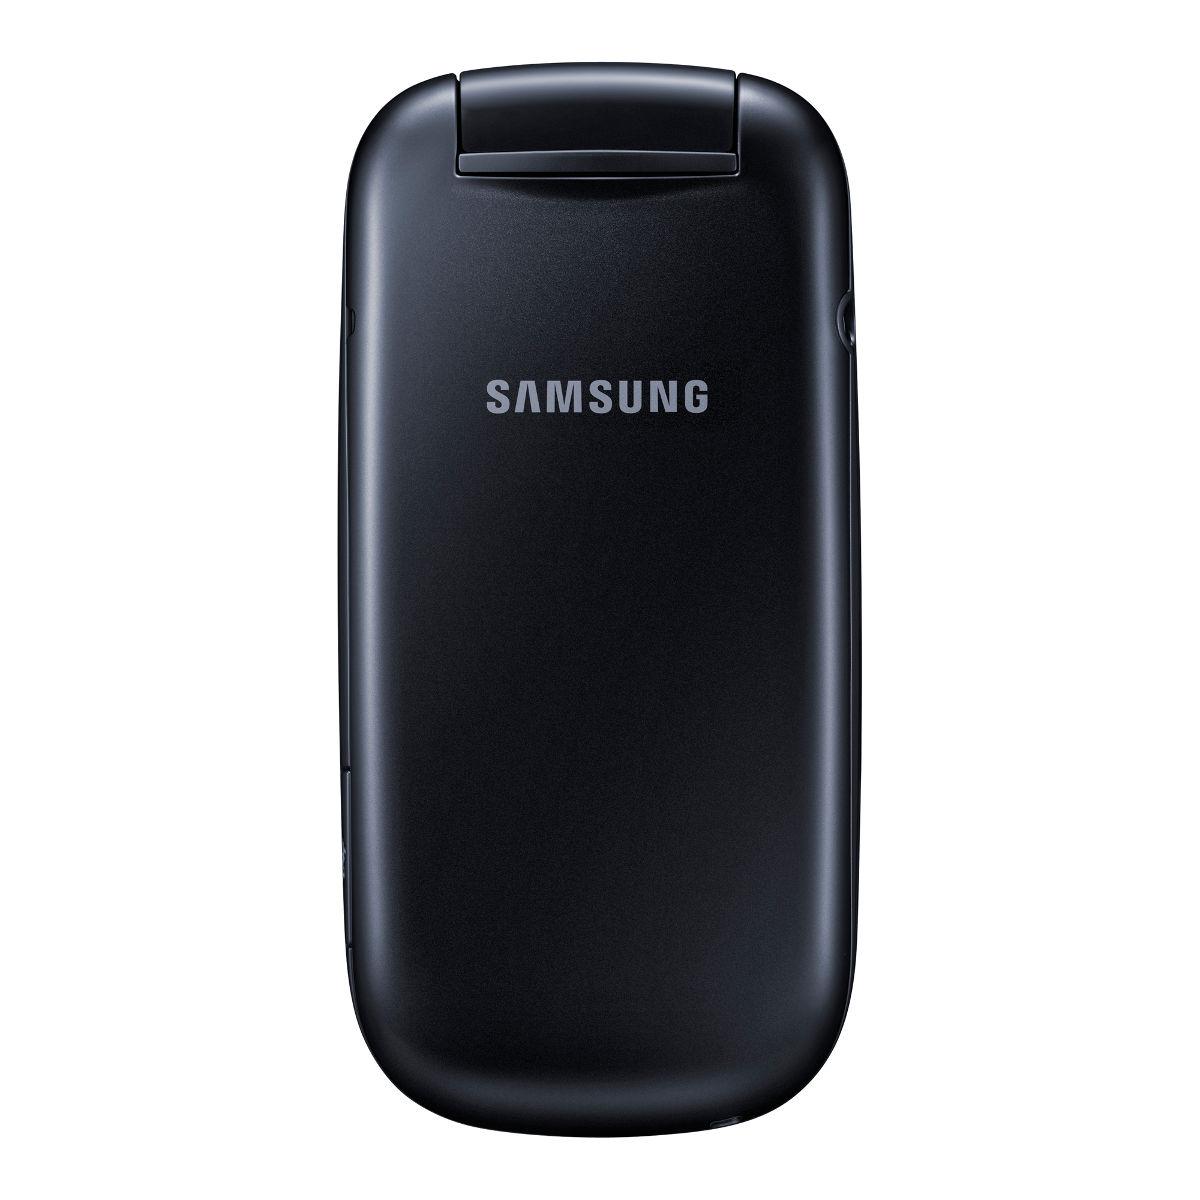 samsung e1270 noir mobile smartphone samsung sur. Black Bedroom Furniture Sets. Home Design Ideas